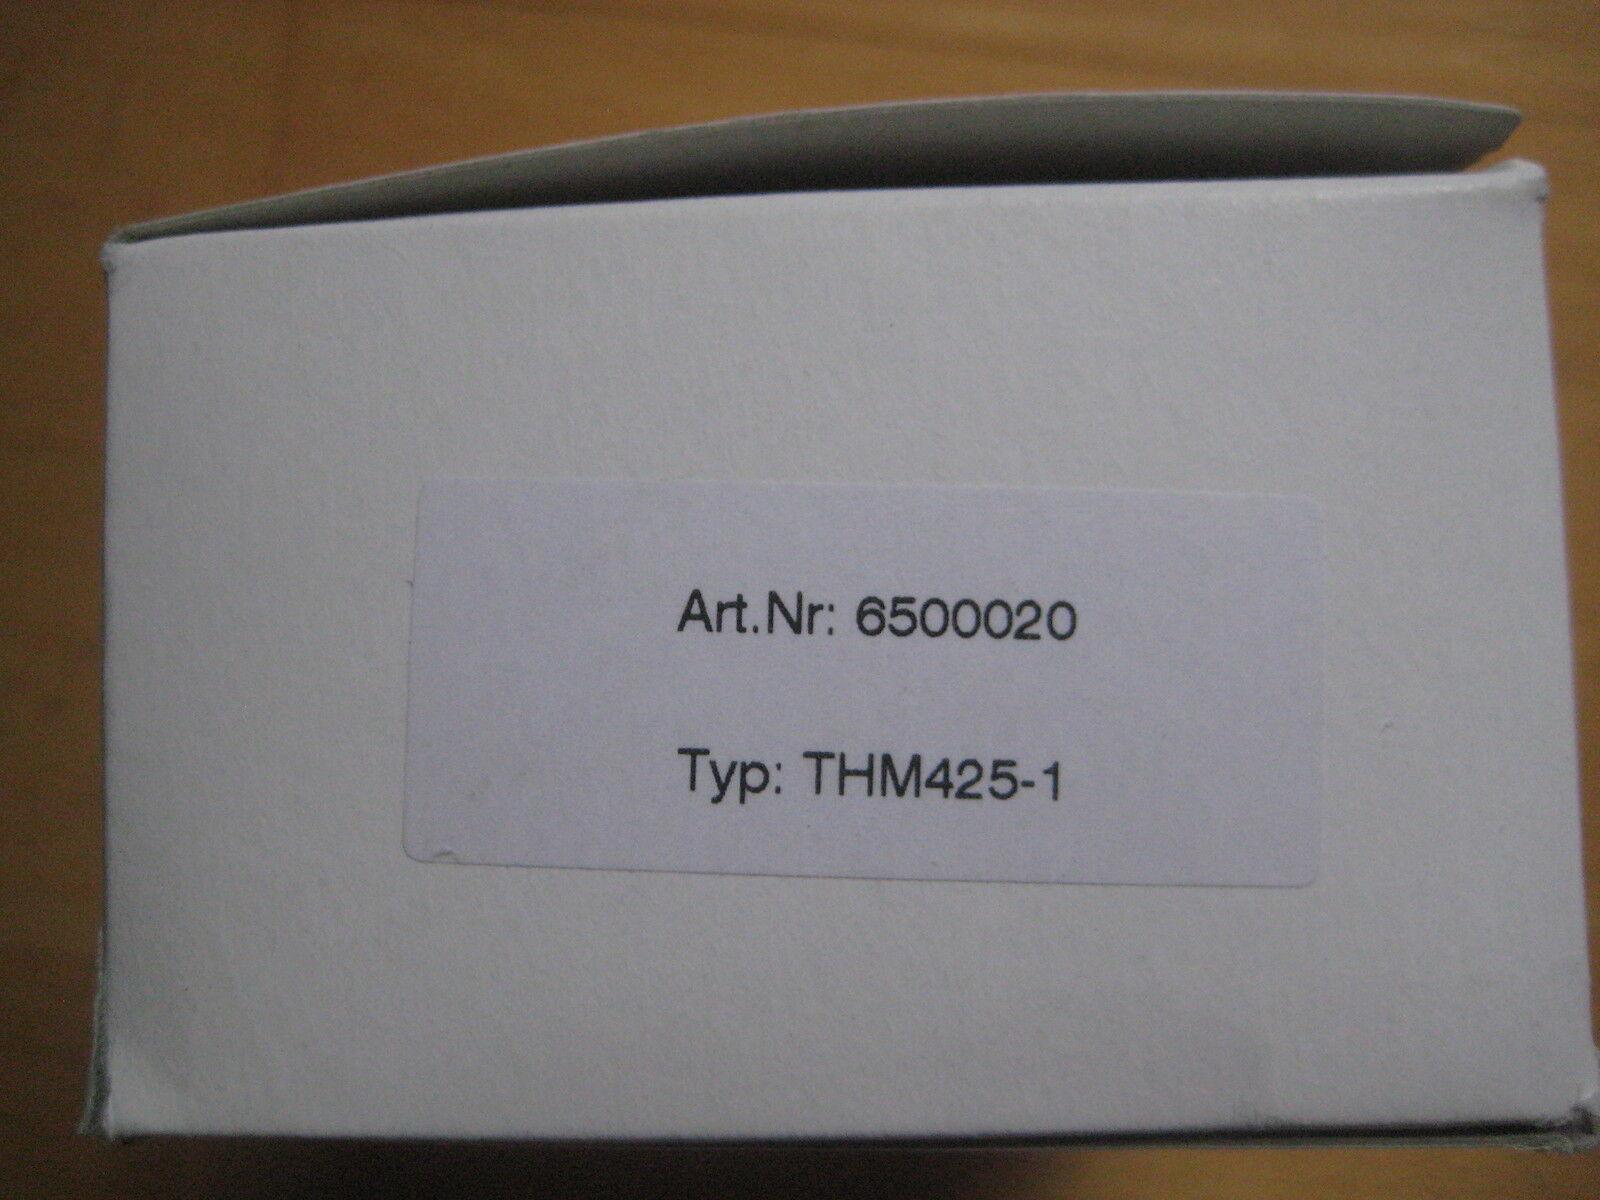 Haftmagnet THM 425-1 von Hekatron